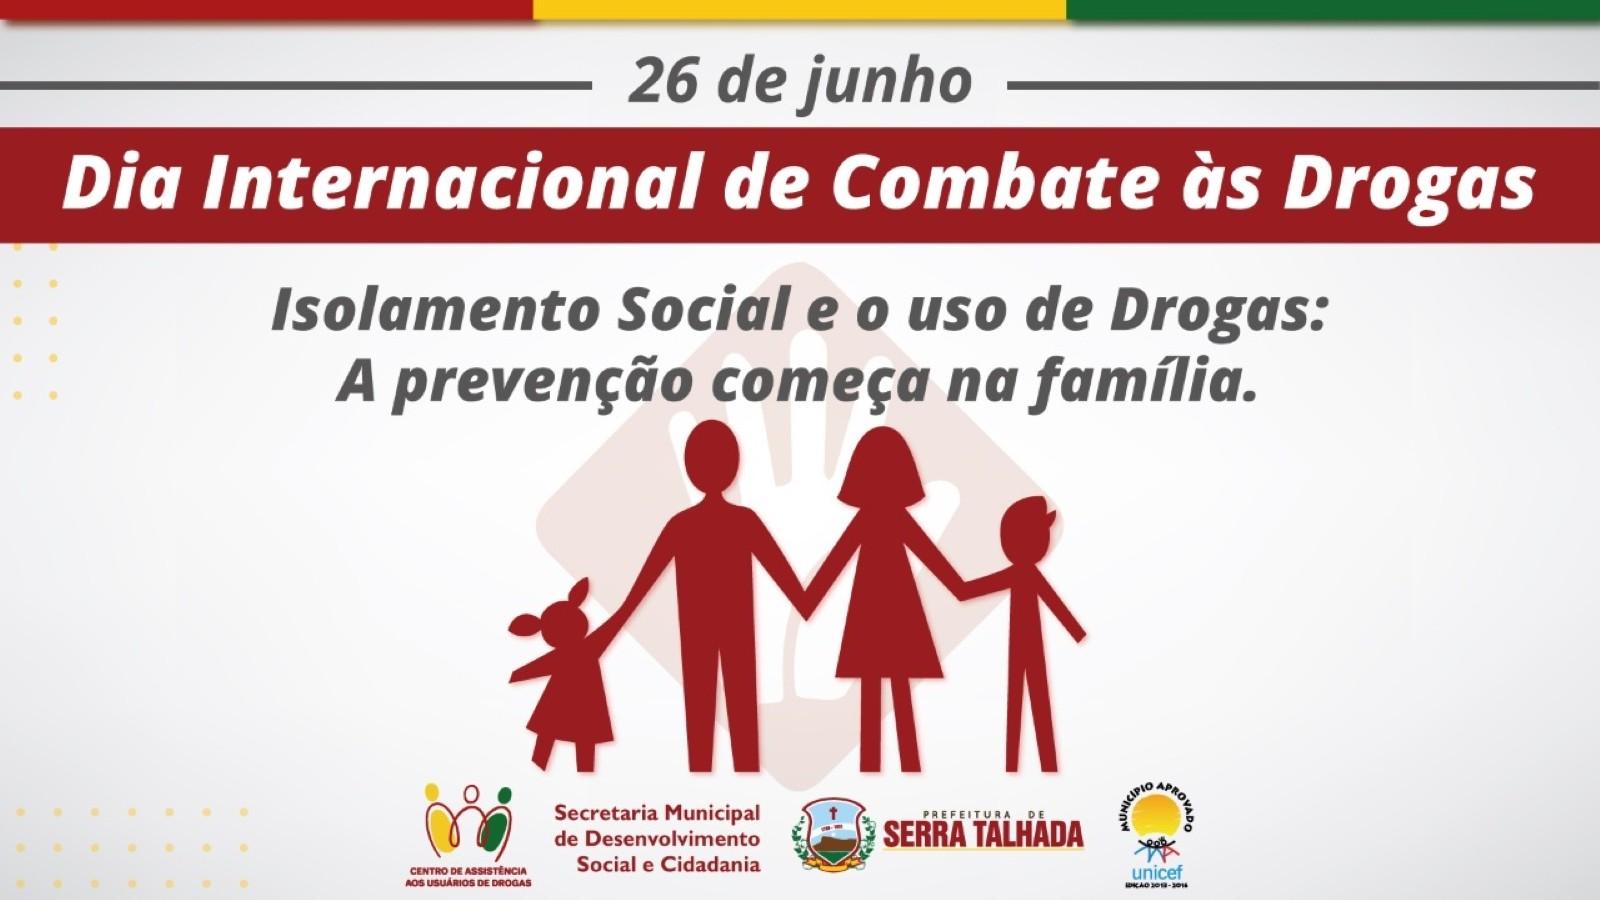 CAUD realiza campanha de prevenção contra o uso de drogas durante isolamento em Serra Talhada